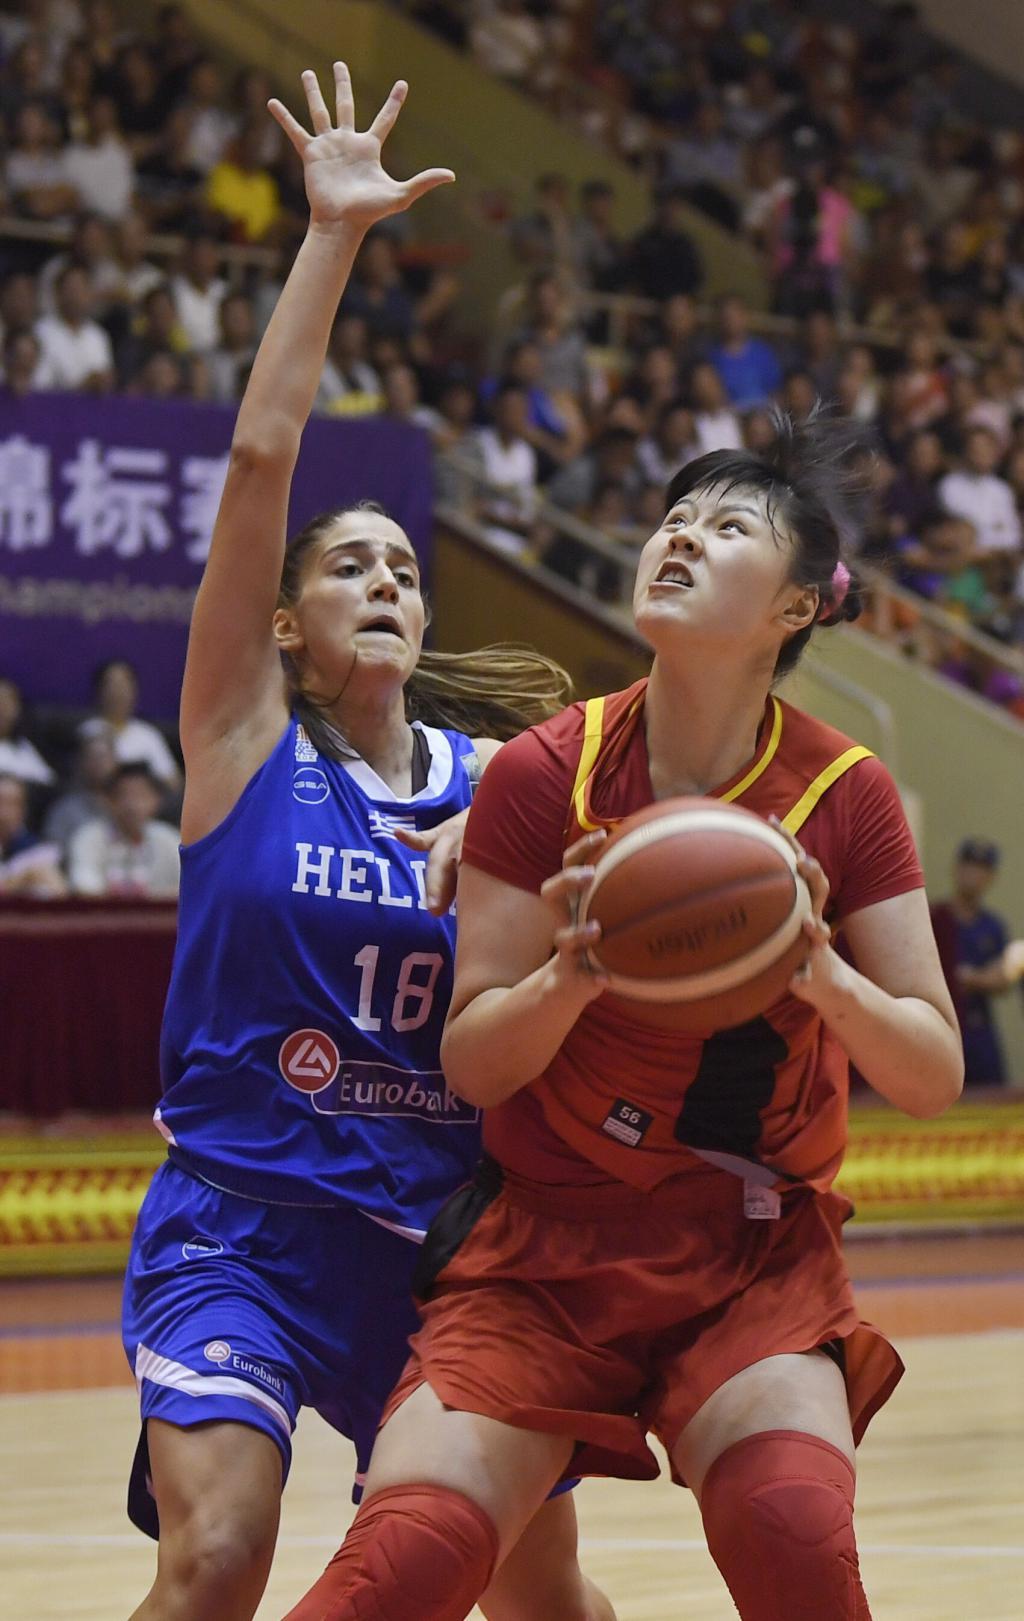 中国队球员李月汝(右)在希腊队球员查次利翁    伊奥安娜的防守下伺图片